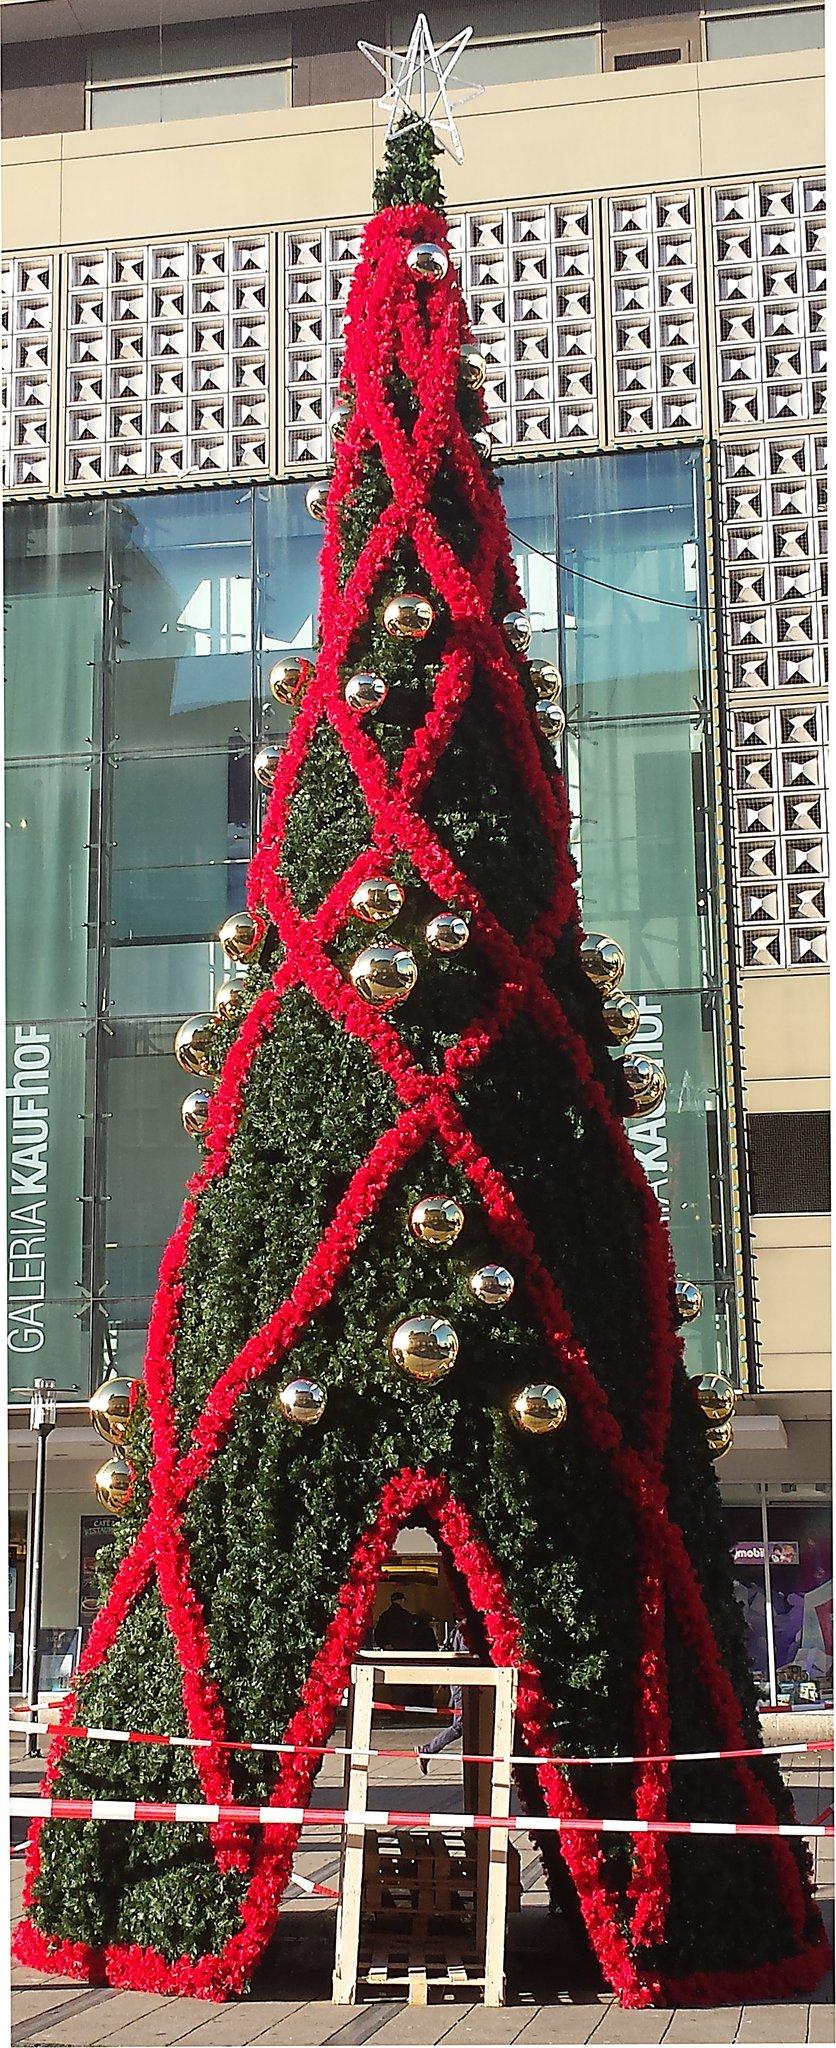 Essen Weihnachtsmarkt 2019.Preisverleihung Best Christmas City 2018 Internationaler